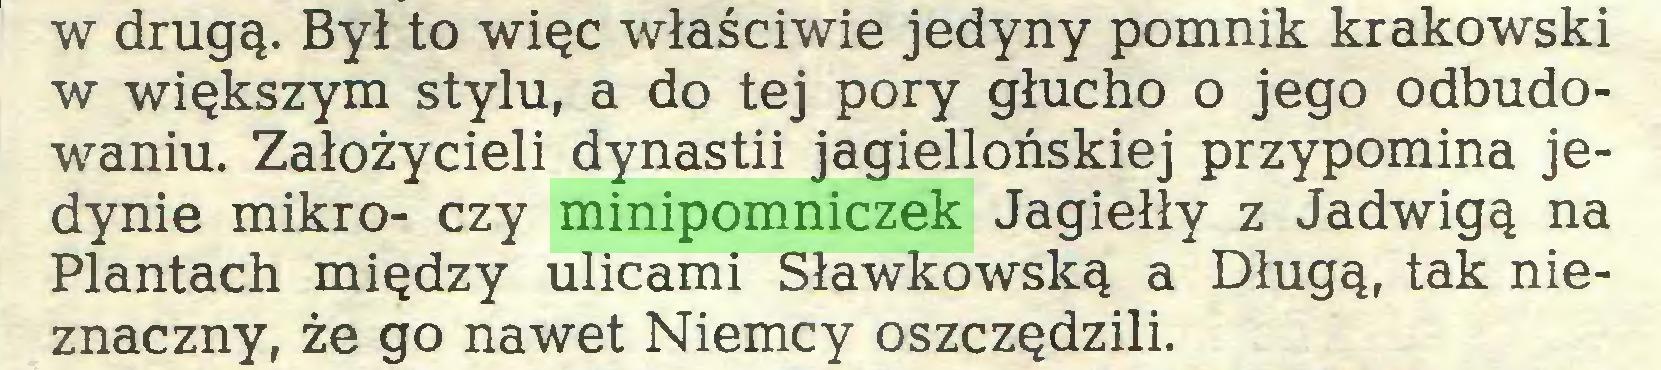 (...) w drugą. Był to więc właściwie jedyny pomnik krakowski w większym stylu, a do tej pory głucho o jego odbudowaniu. Założycieli dynastii jagiellońskiej przypomina jedynie mikro- czy minipomniczek Jagiełły z Jadwigą na Plantach między ulicami Sławkowską a Długą, tak nieznaczny, że go nawet Niemcy oszczędzili...